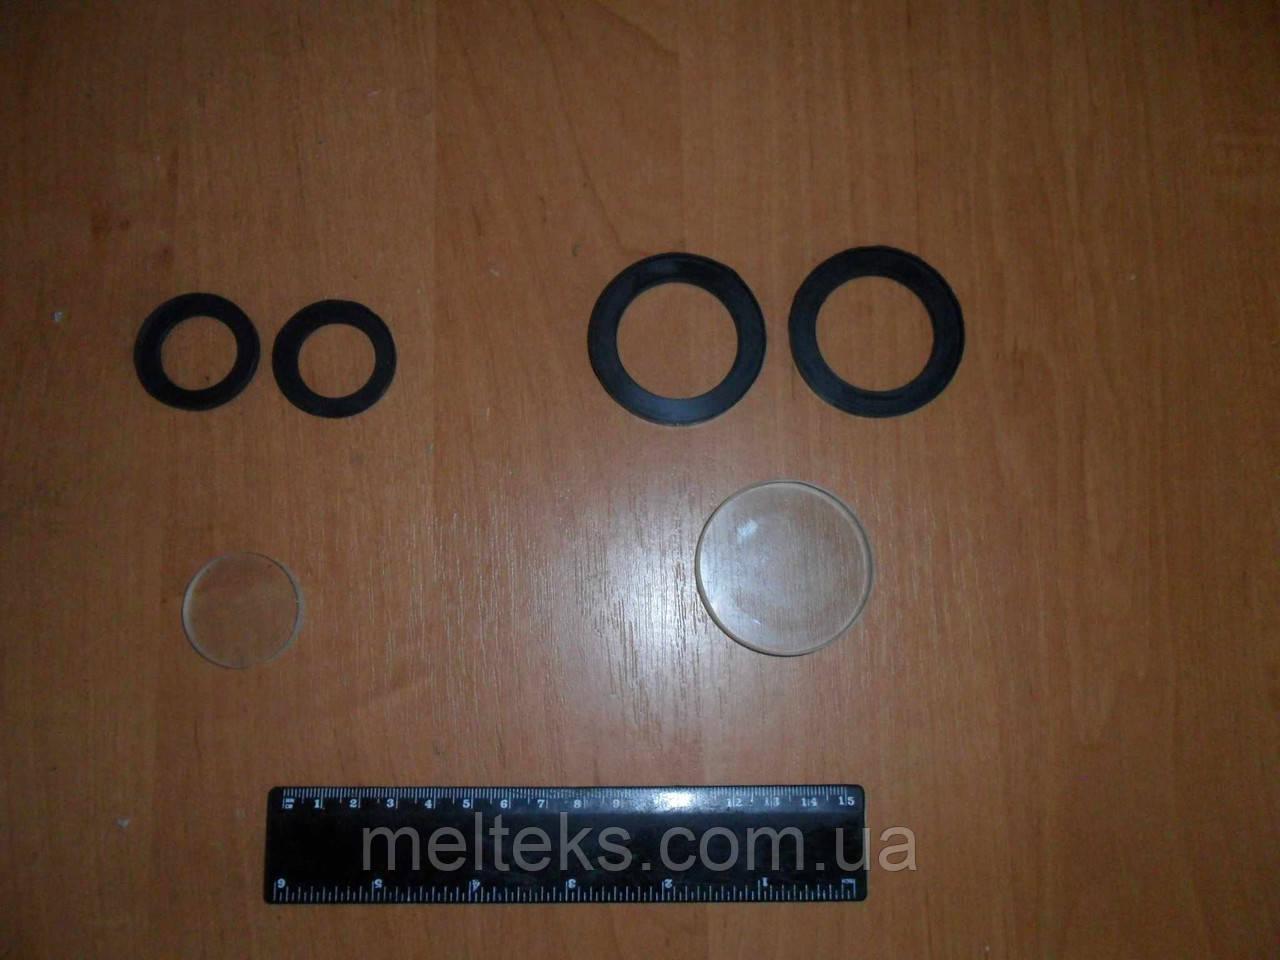 Смотровое стекло круглое с прокладками 32 и 48 мм